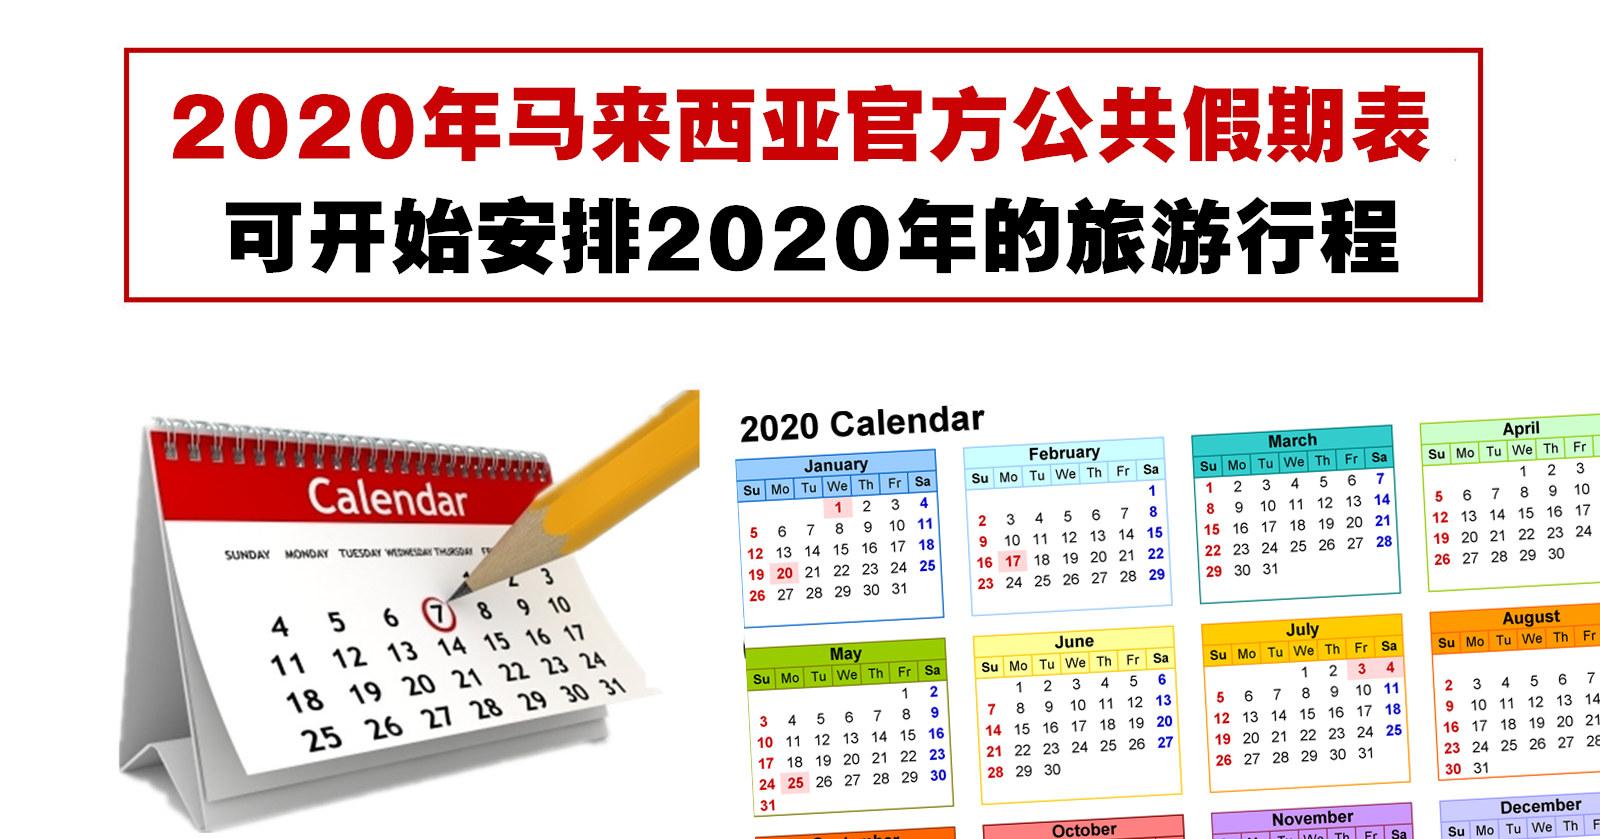 2020年馬來西亞公共假期表 - WINRAYLAND